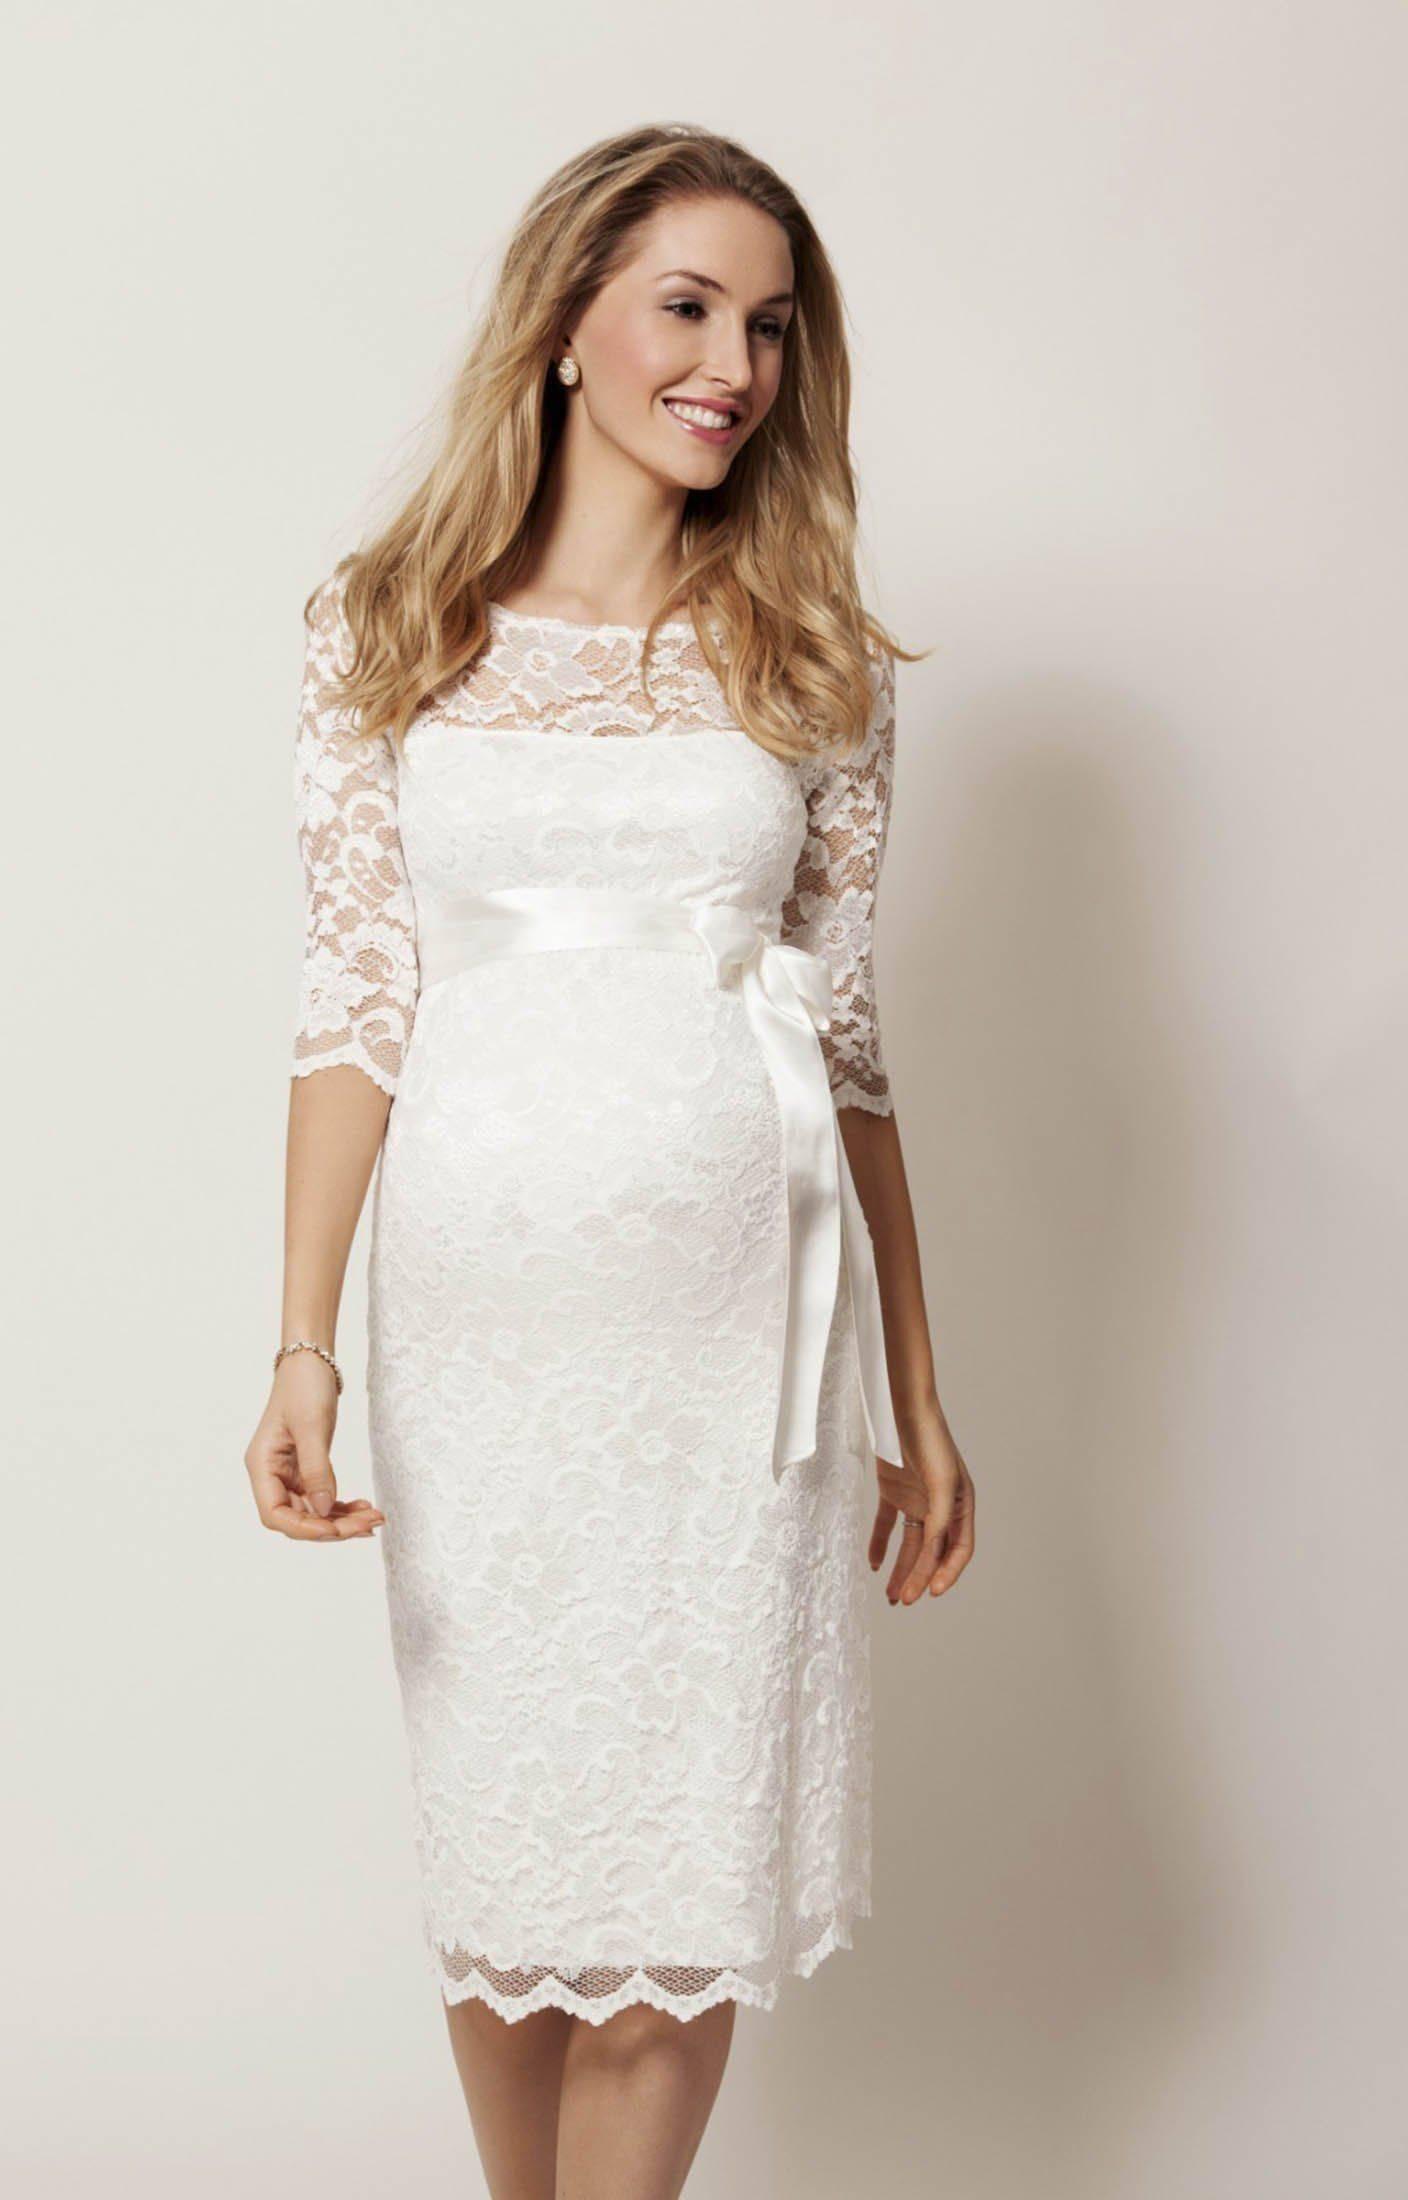 Платья для беременных на лето 2020 (57 фото): актуальные фасоны, длинные, молодежные, свадебные